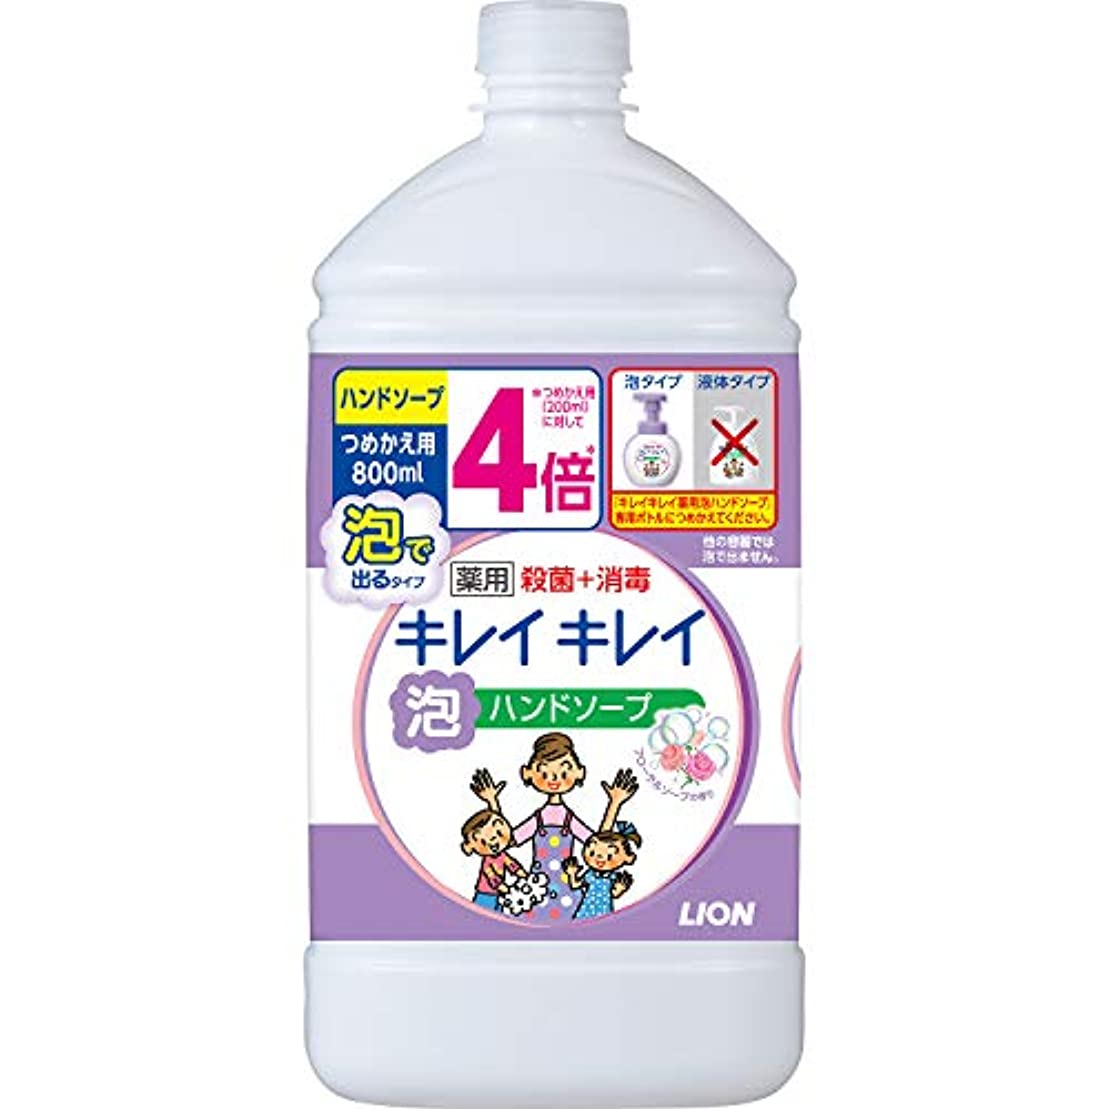 四半期意義公式(医薬部外品)【大容量】キレイキレイ 薬用 泡ハンドソープ フローラルソープの香り 詰替特大 800ml